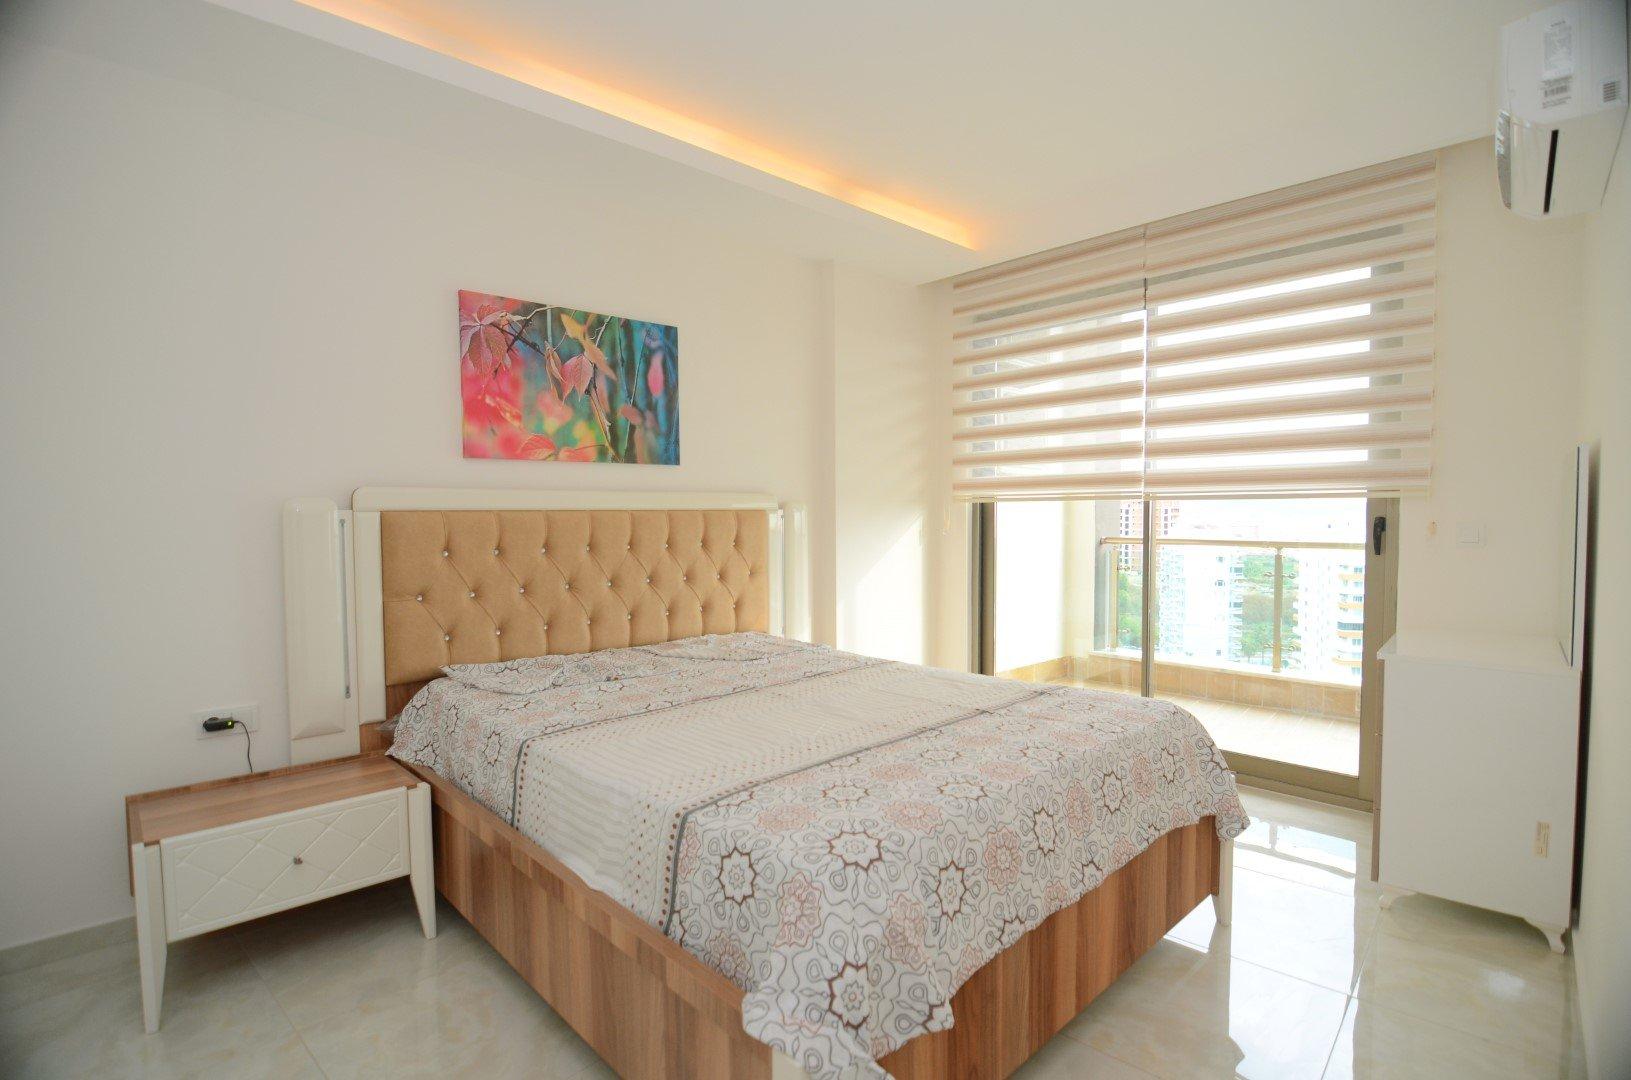 Двухкомнатная меблированая квартира с видом на море и горы в люкс резиденции включающей Спа-Центр